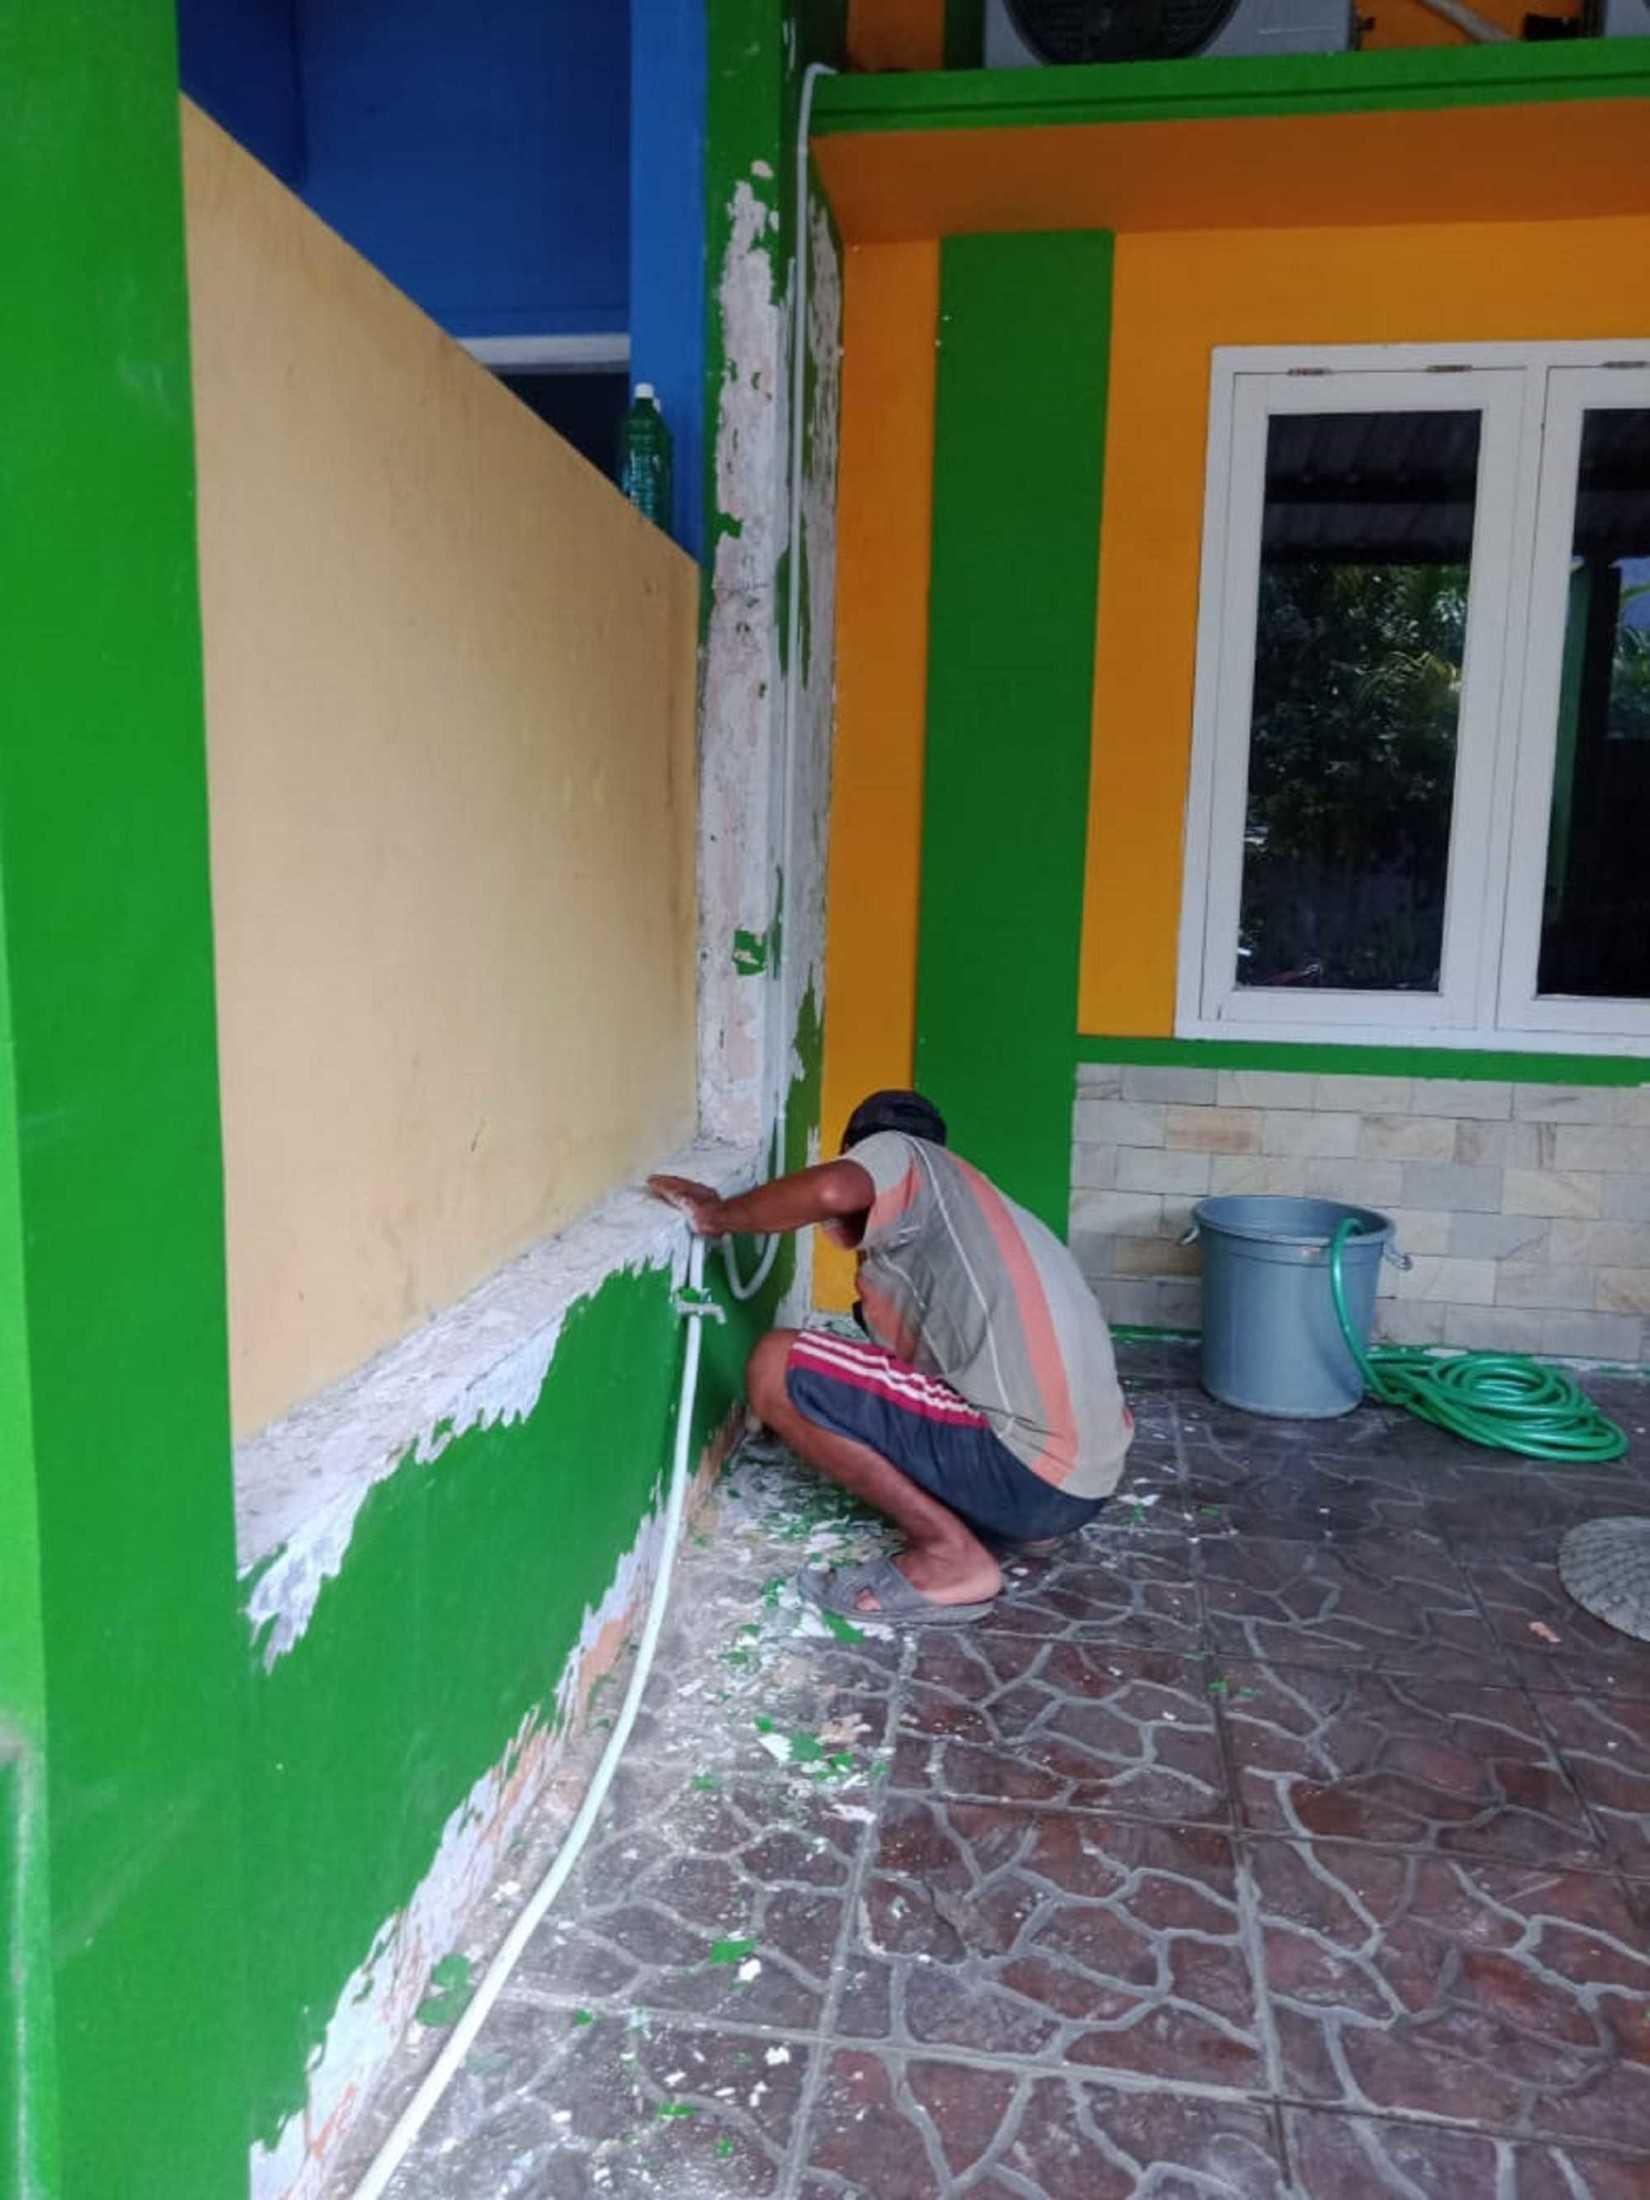 Rekoo Indonesia Repaint Rumah Semarang, Kota Semarang, Jawa Tengah, Indonesia Semarang, Kota Semarang, Jawa Tengah, Indonesia Rekoo-Indonesia-Repaint-Rumah  133254